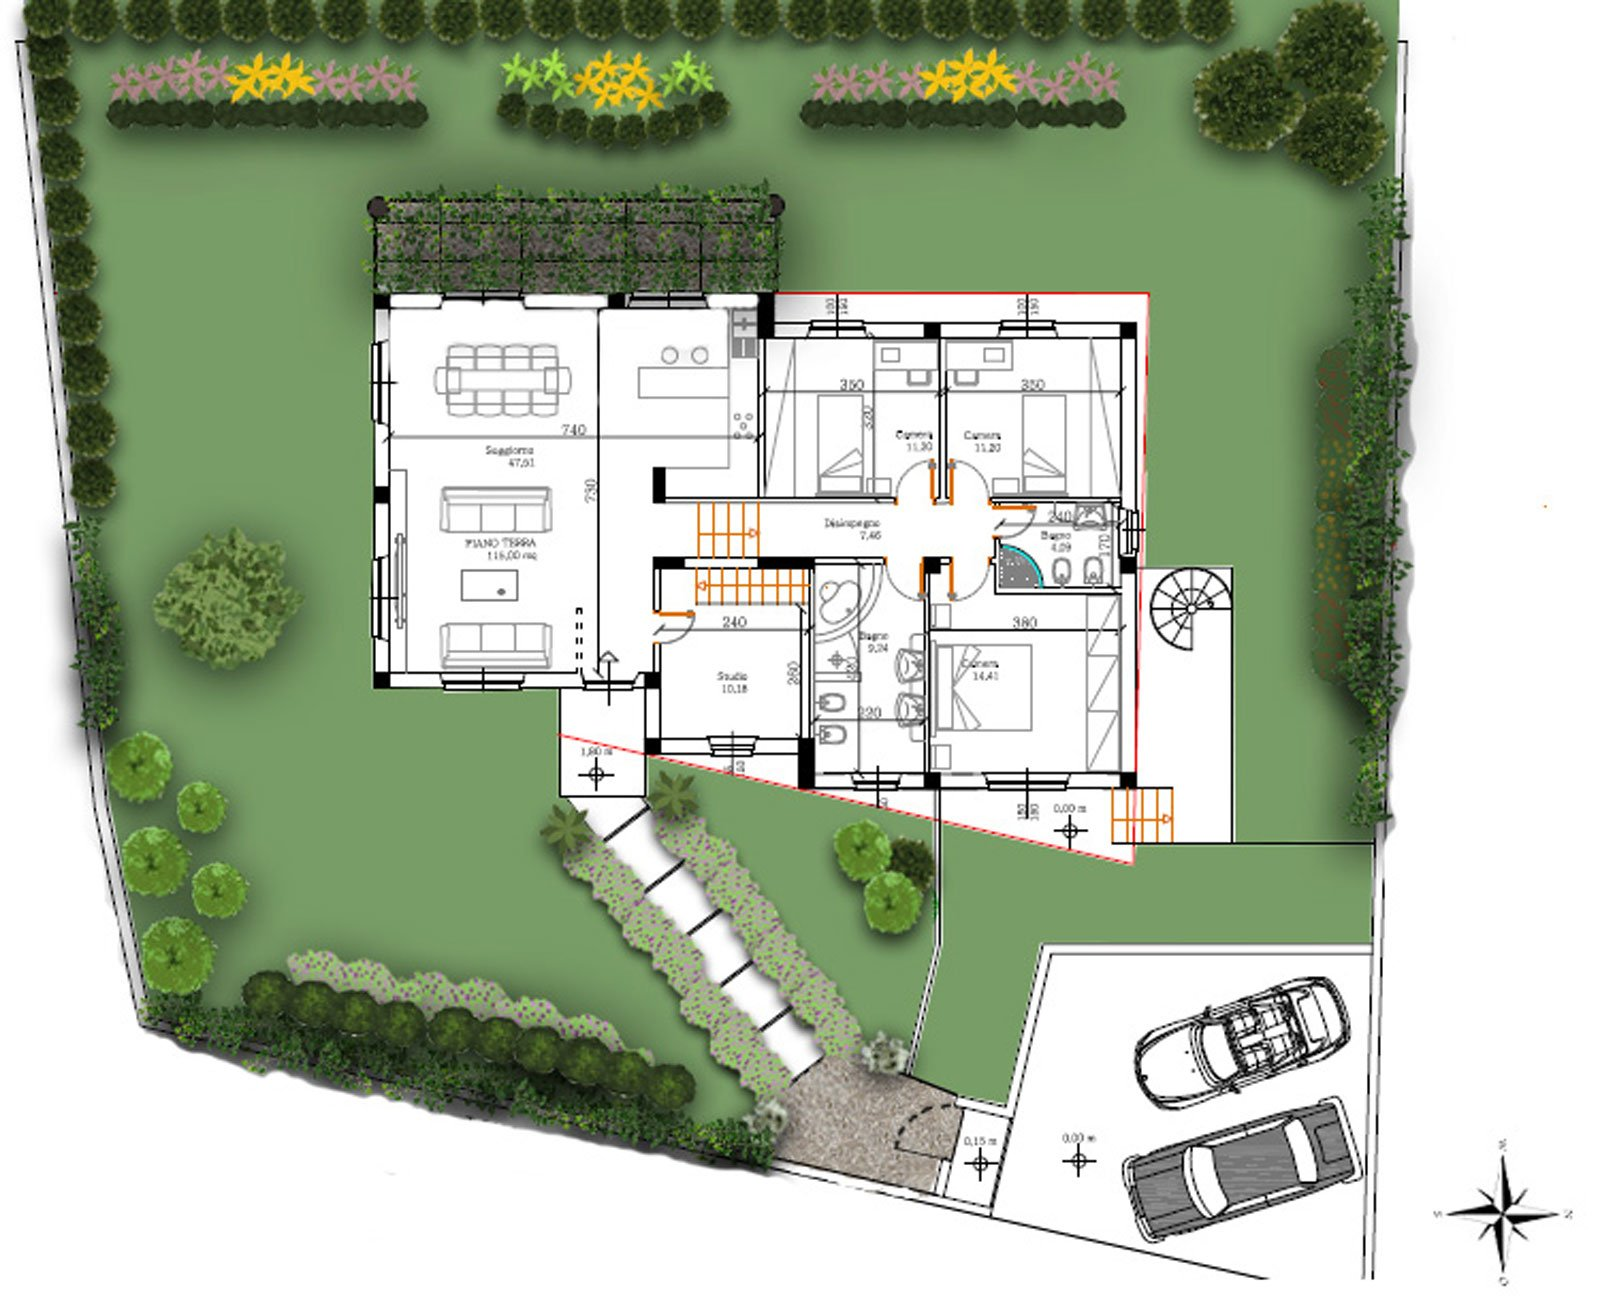 Un progetto per il giardino della villetta cose di casa for Disegni di casa italiana moderna